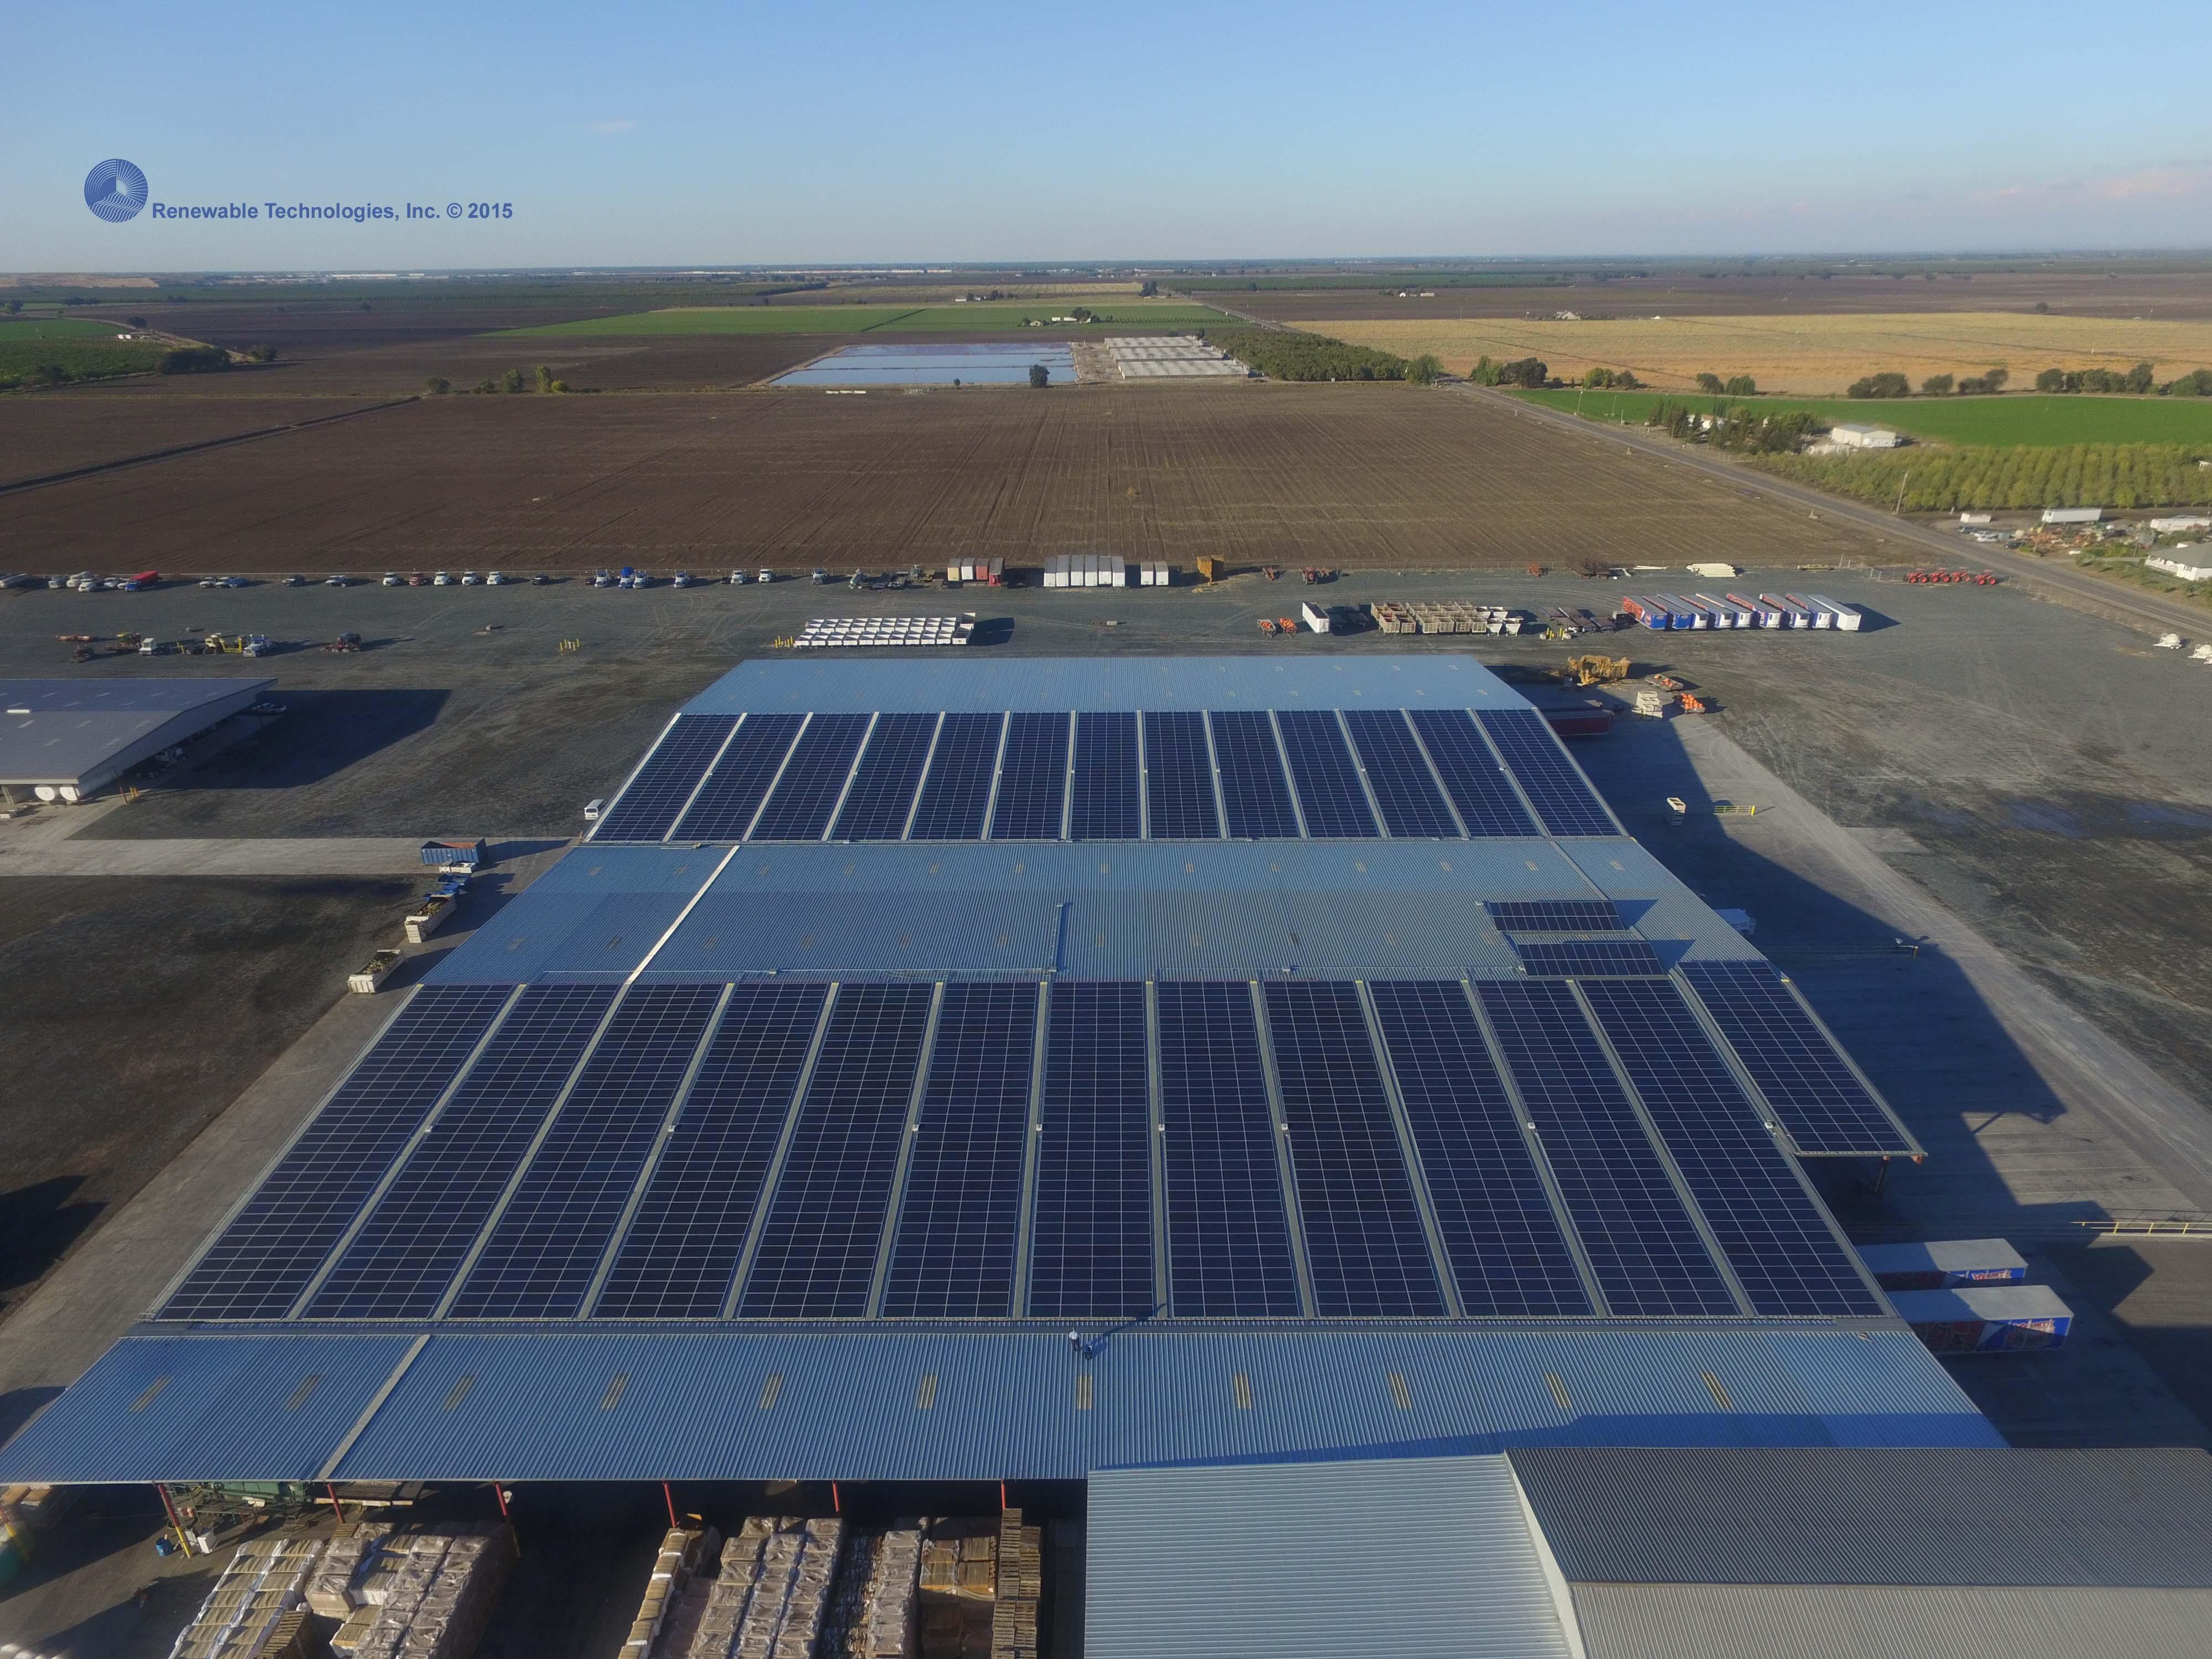 Van Groningen & Sons Adopts Solar